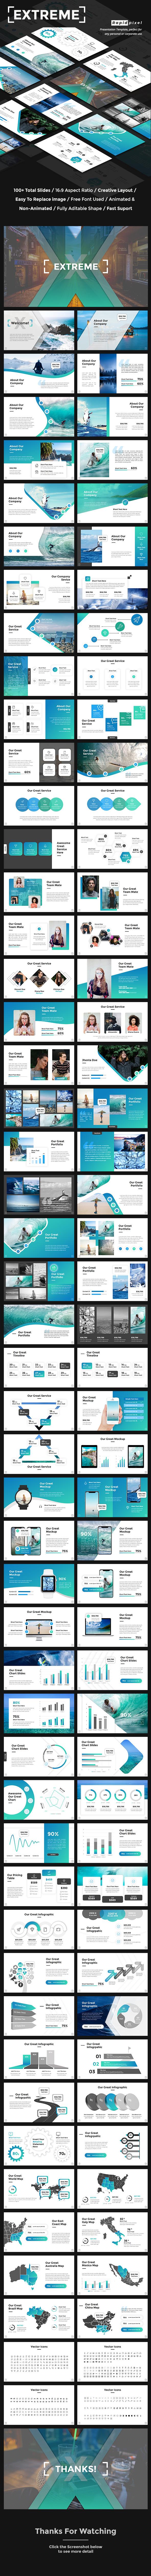 Extreme Business Google Slides - Google Slides Presentation Templates